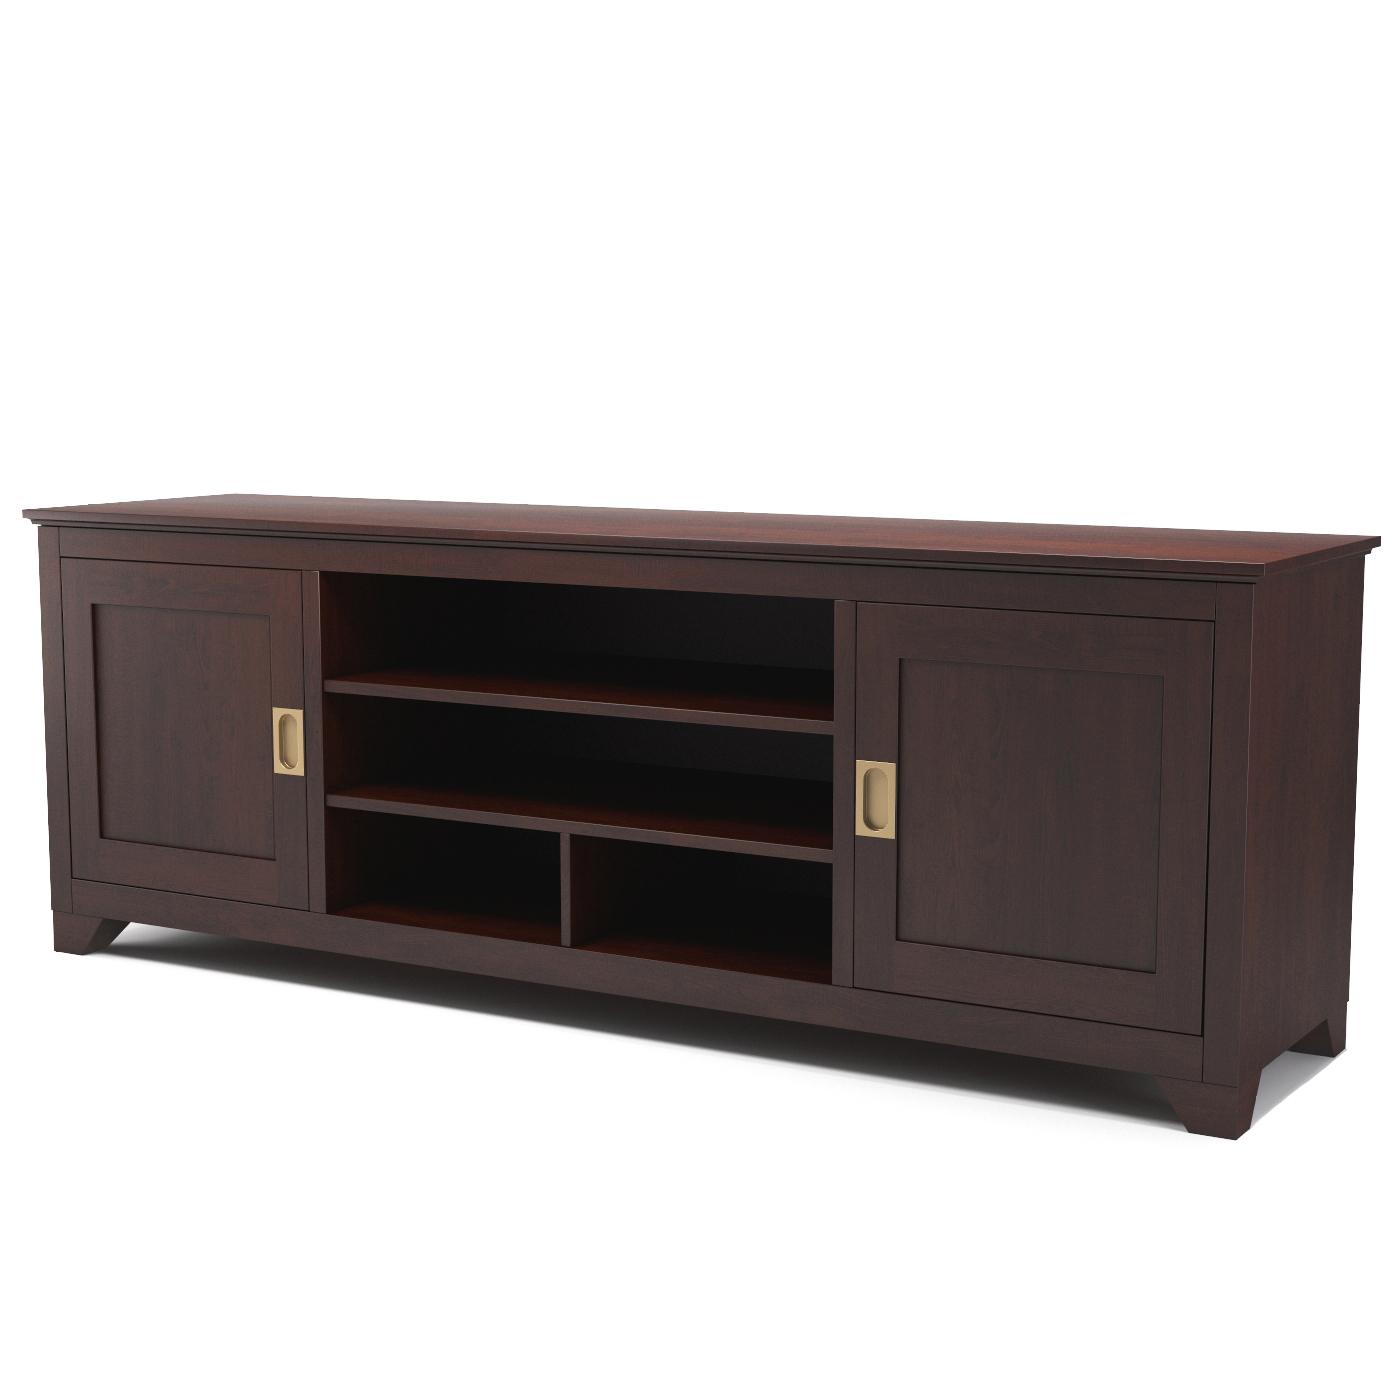 Carolina 70 inch tv console in espresso for 70 inch console table